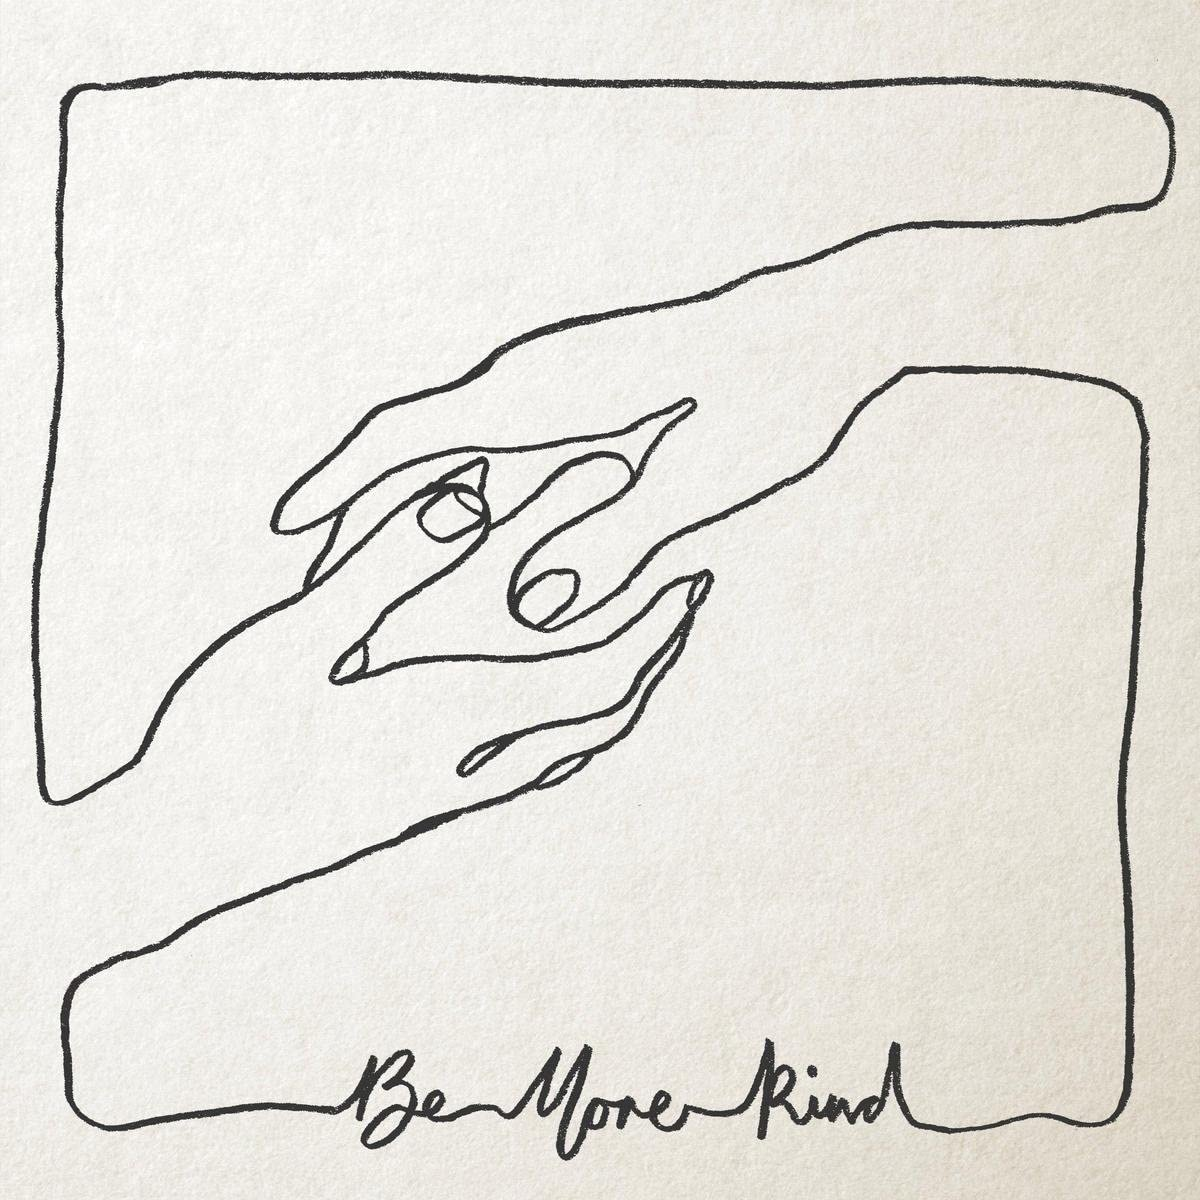 Frank Turner – Be More Kind